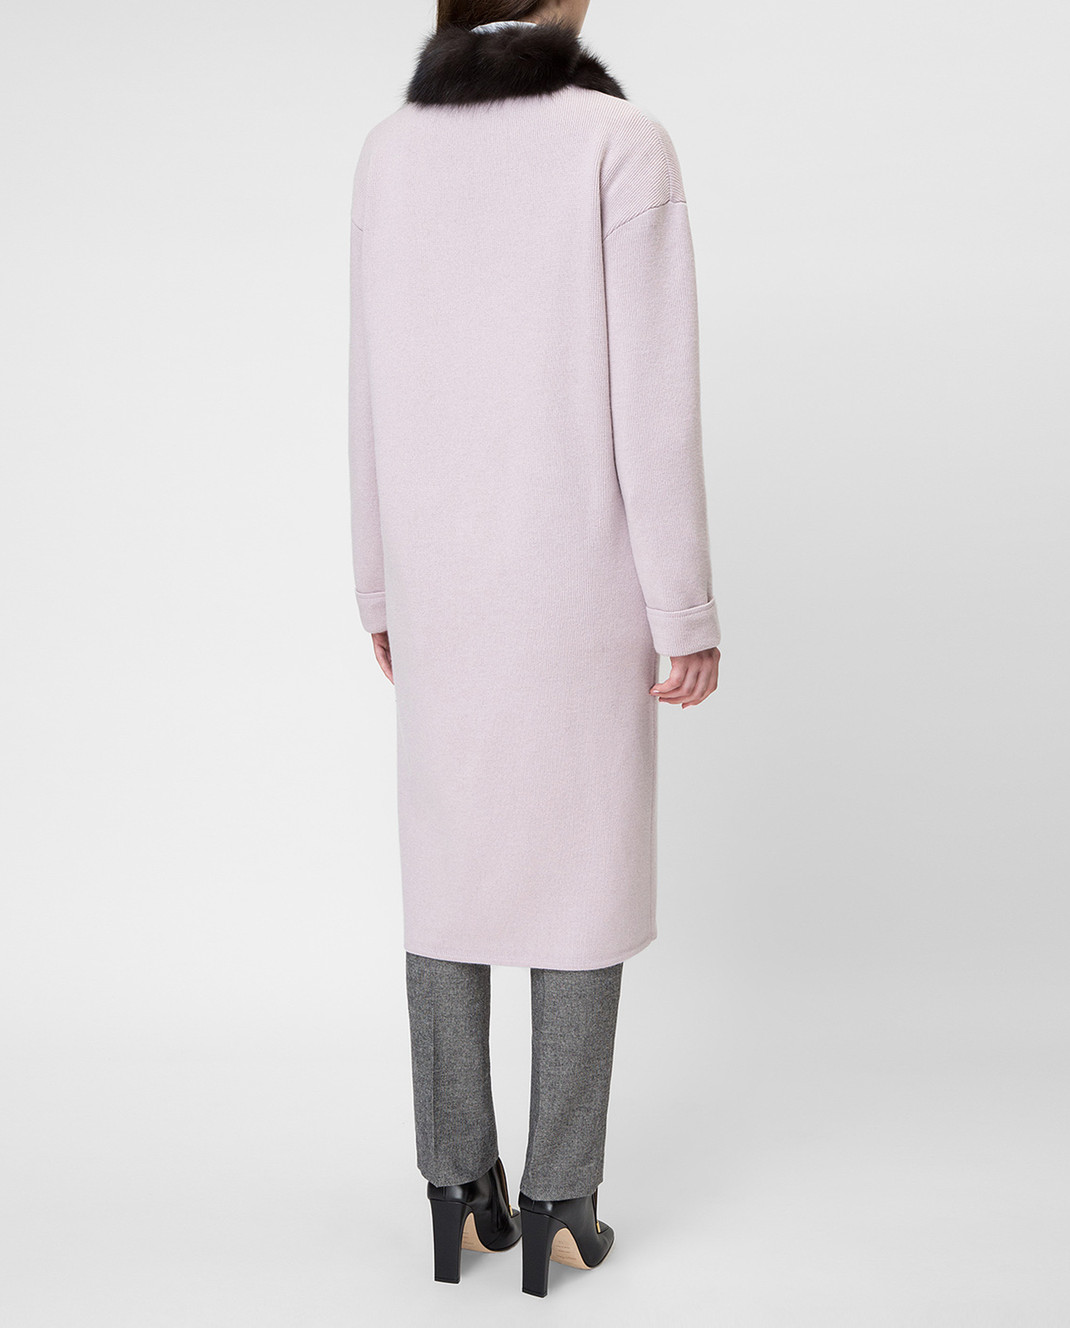 Real Furs House Пудровое пальто CSR01 изображение 4